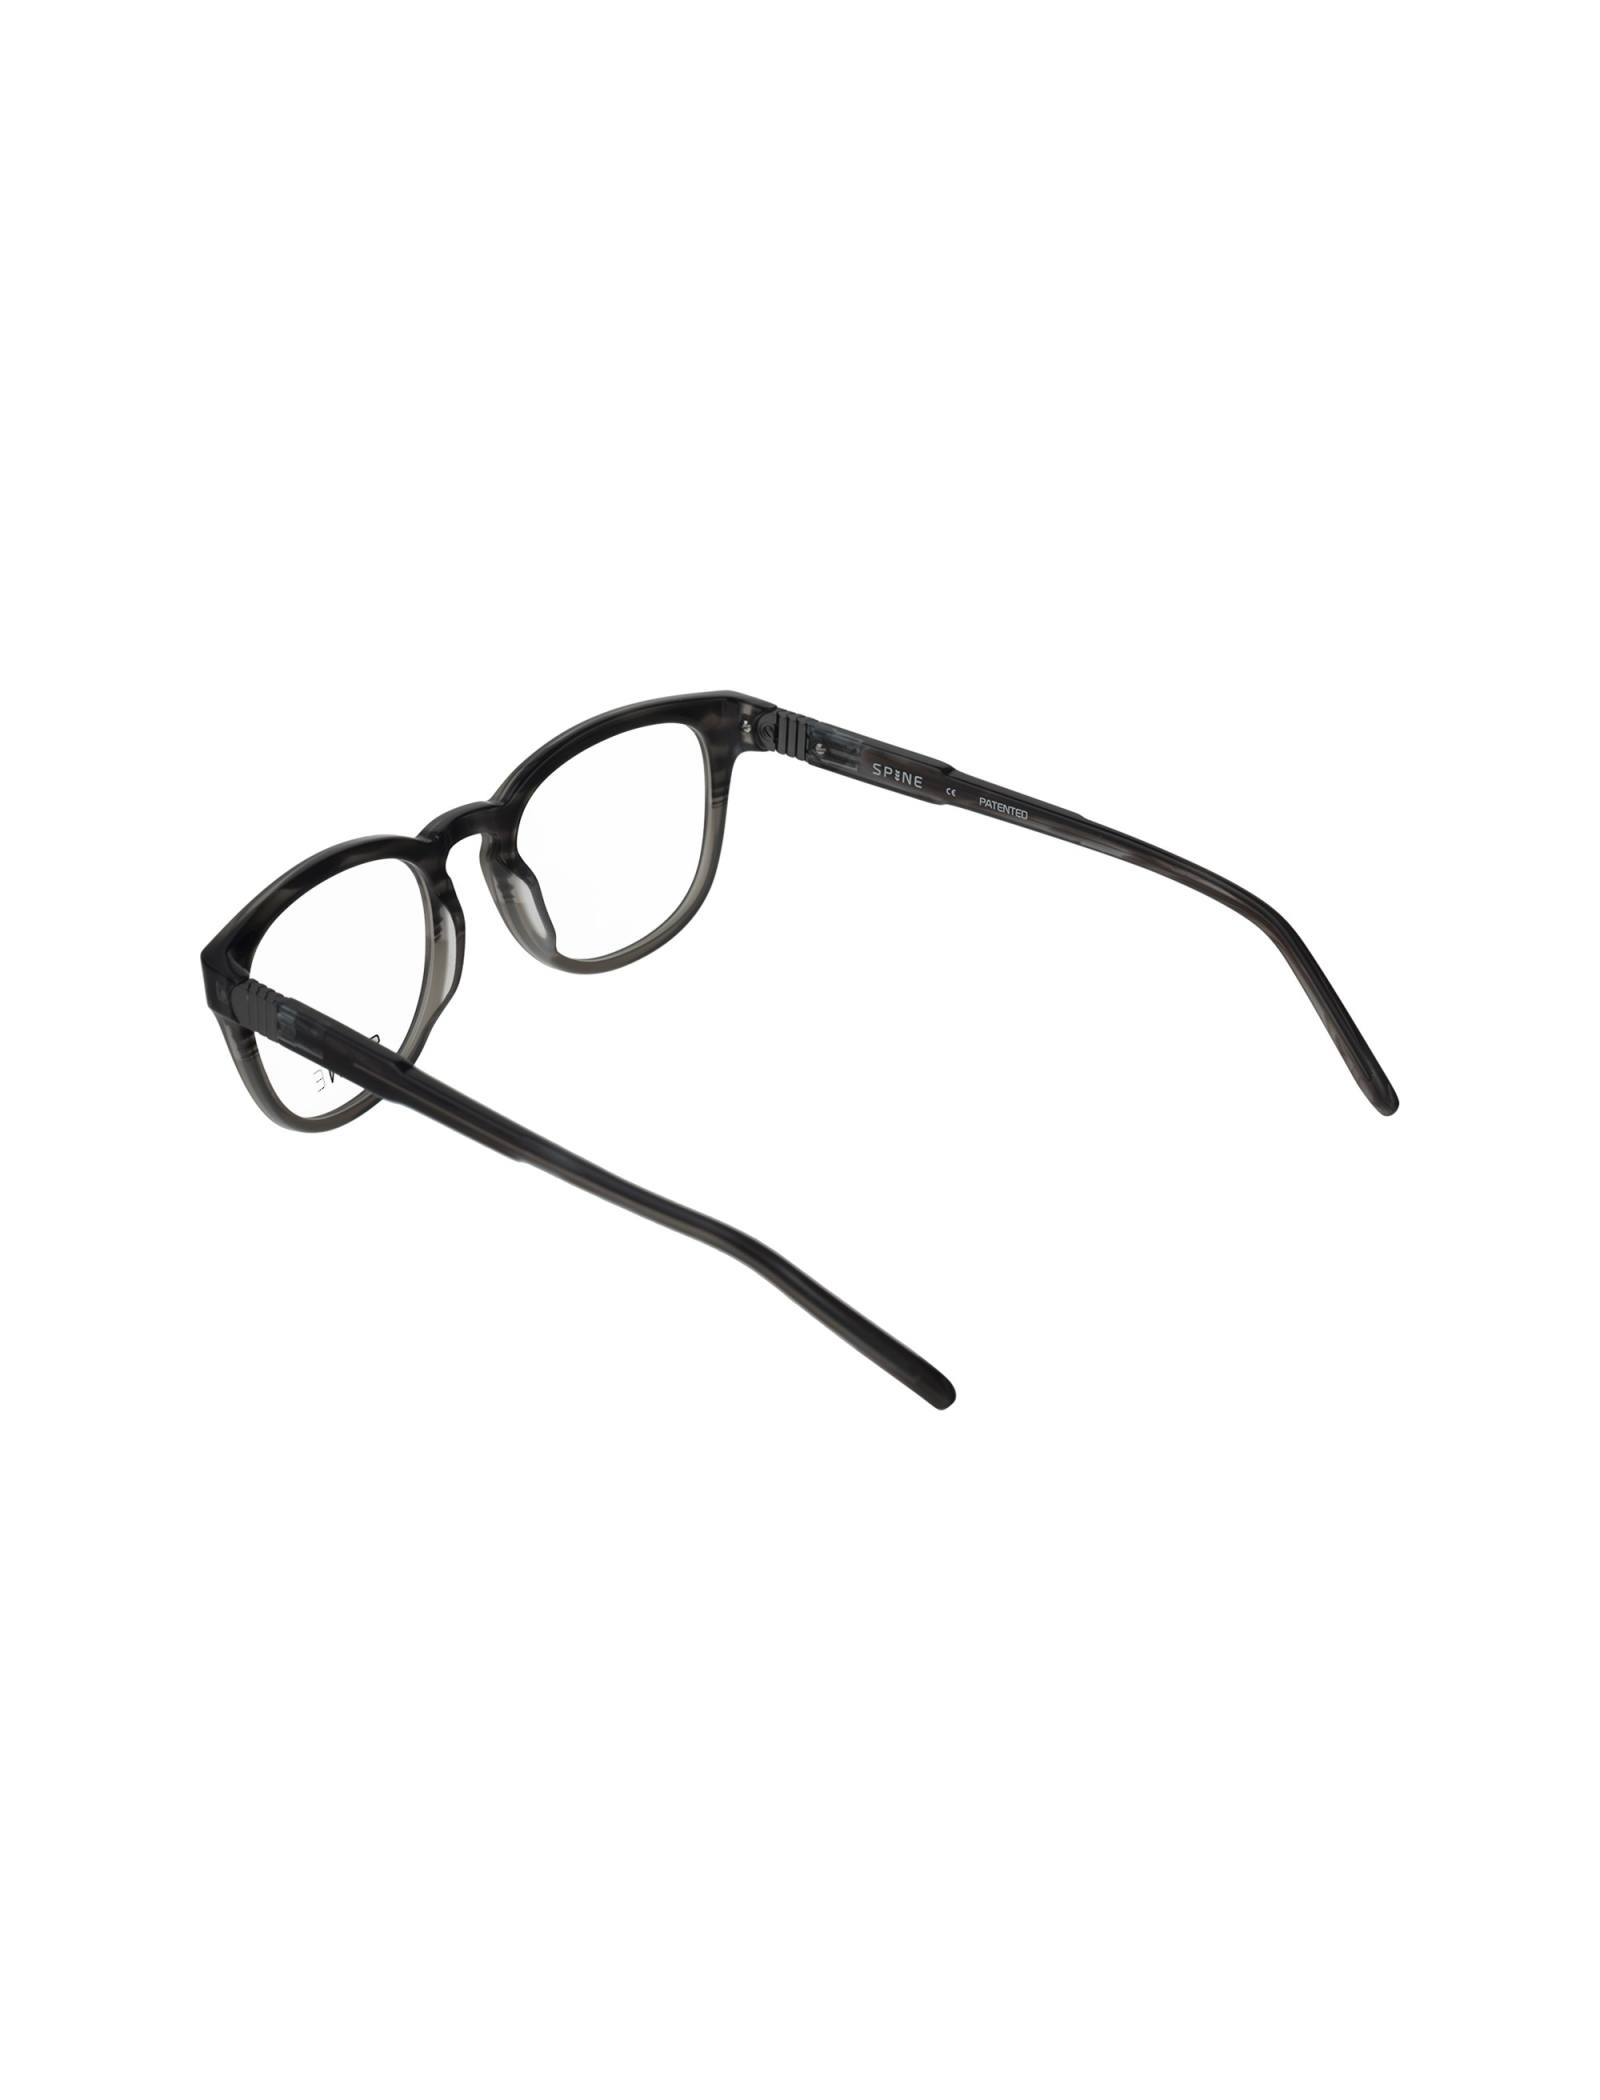 عینک طبی ویفرر زنانه - اسپاین - مشکي و طوسي - 4